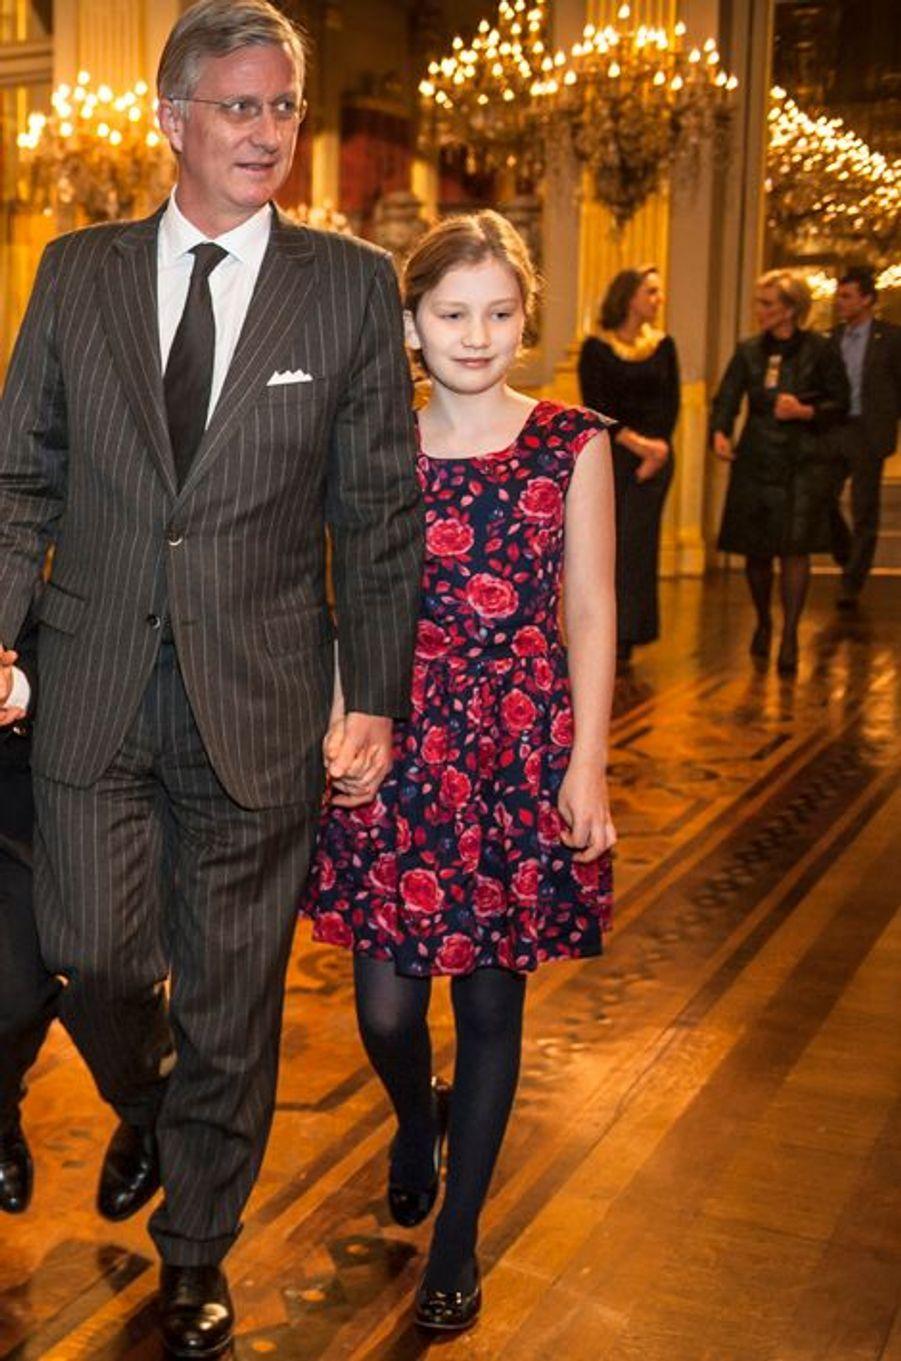 Le roi Philippe de Belgique et la princesse héritière Elisabeth à Bruxelles, le 17 décembre 2014